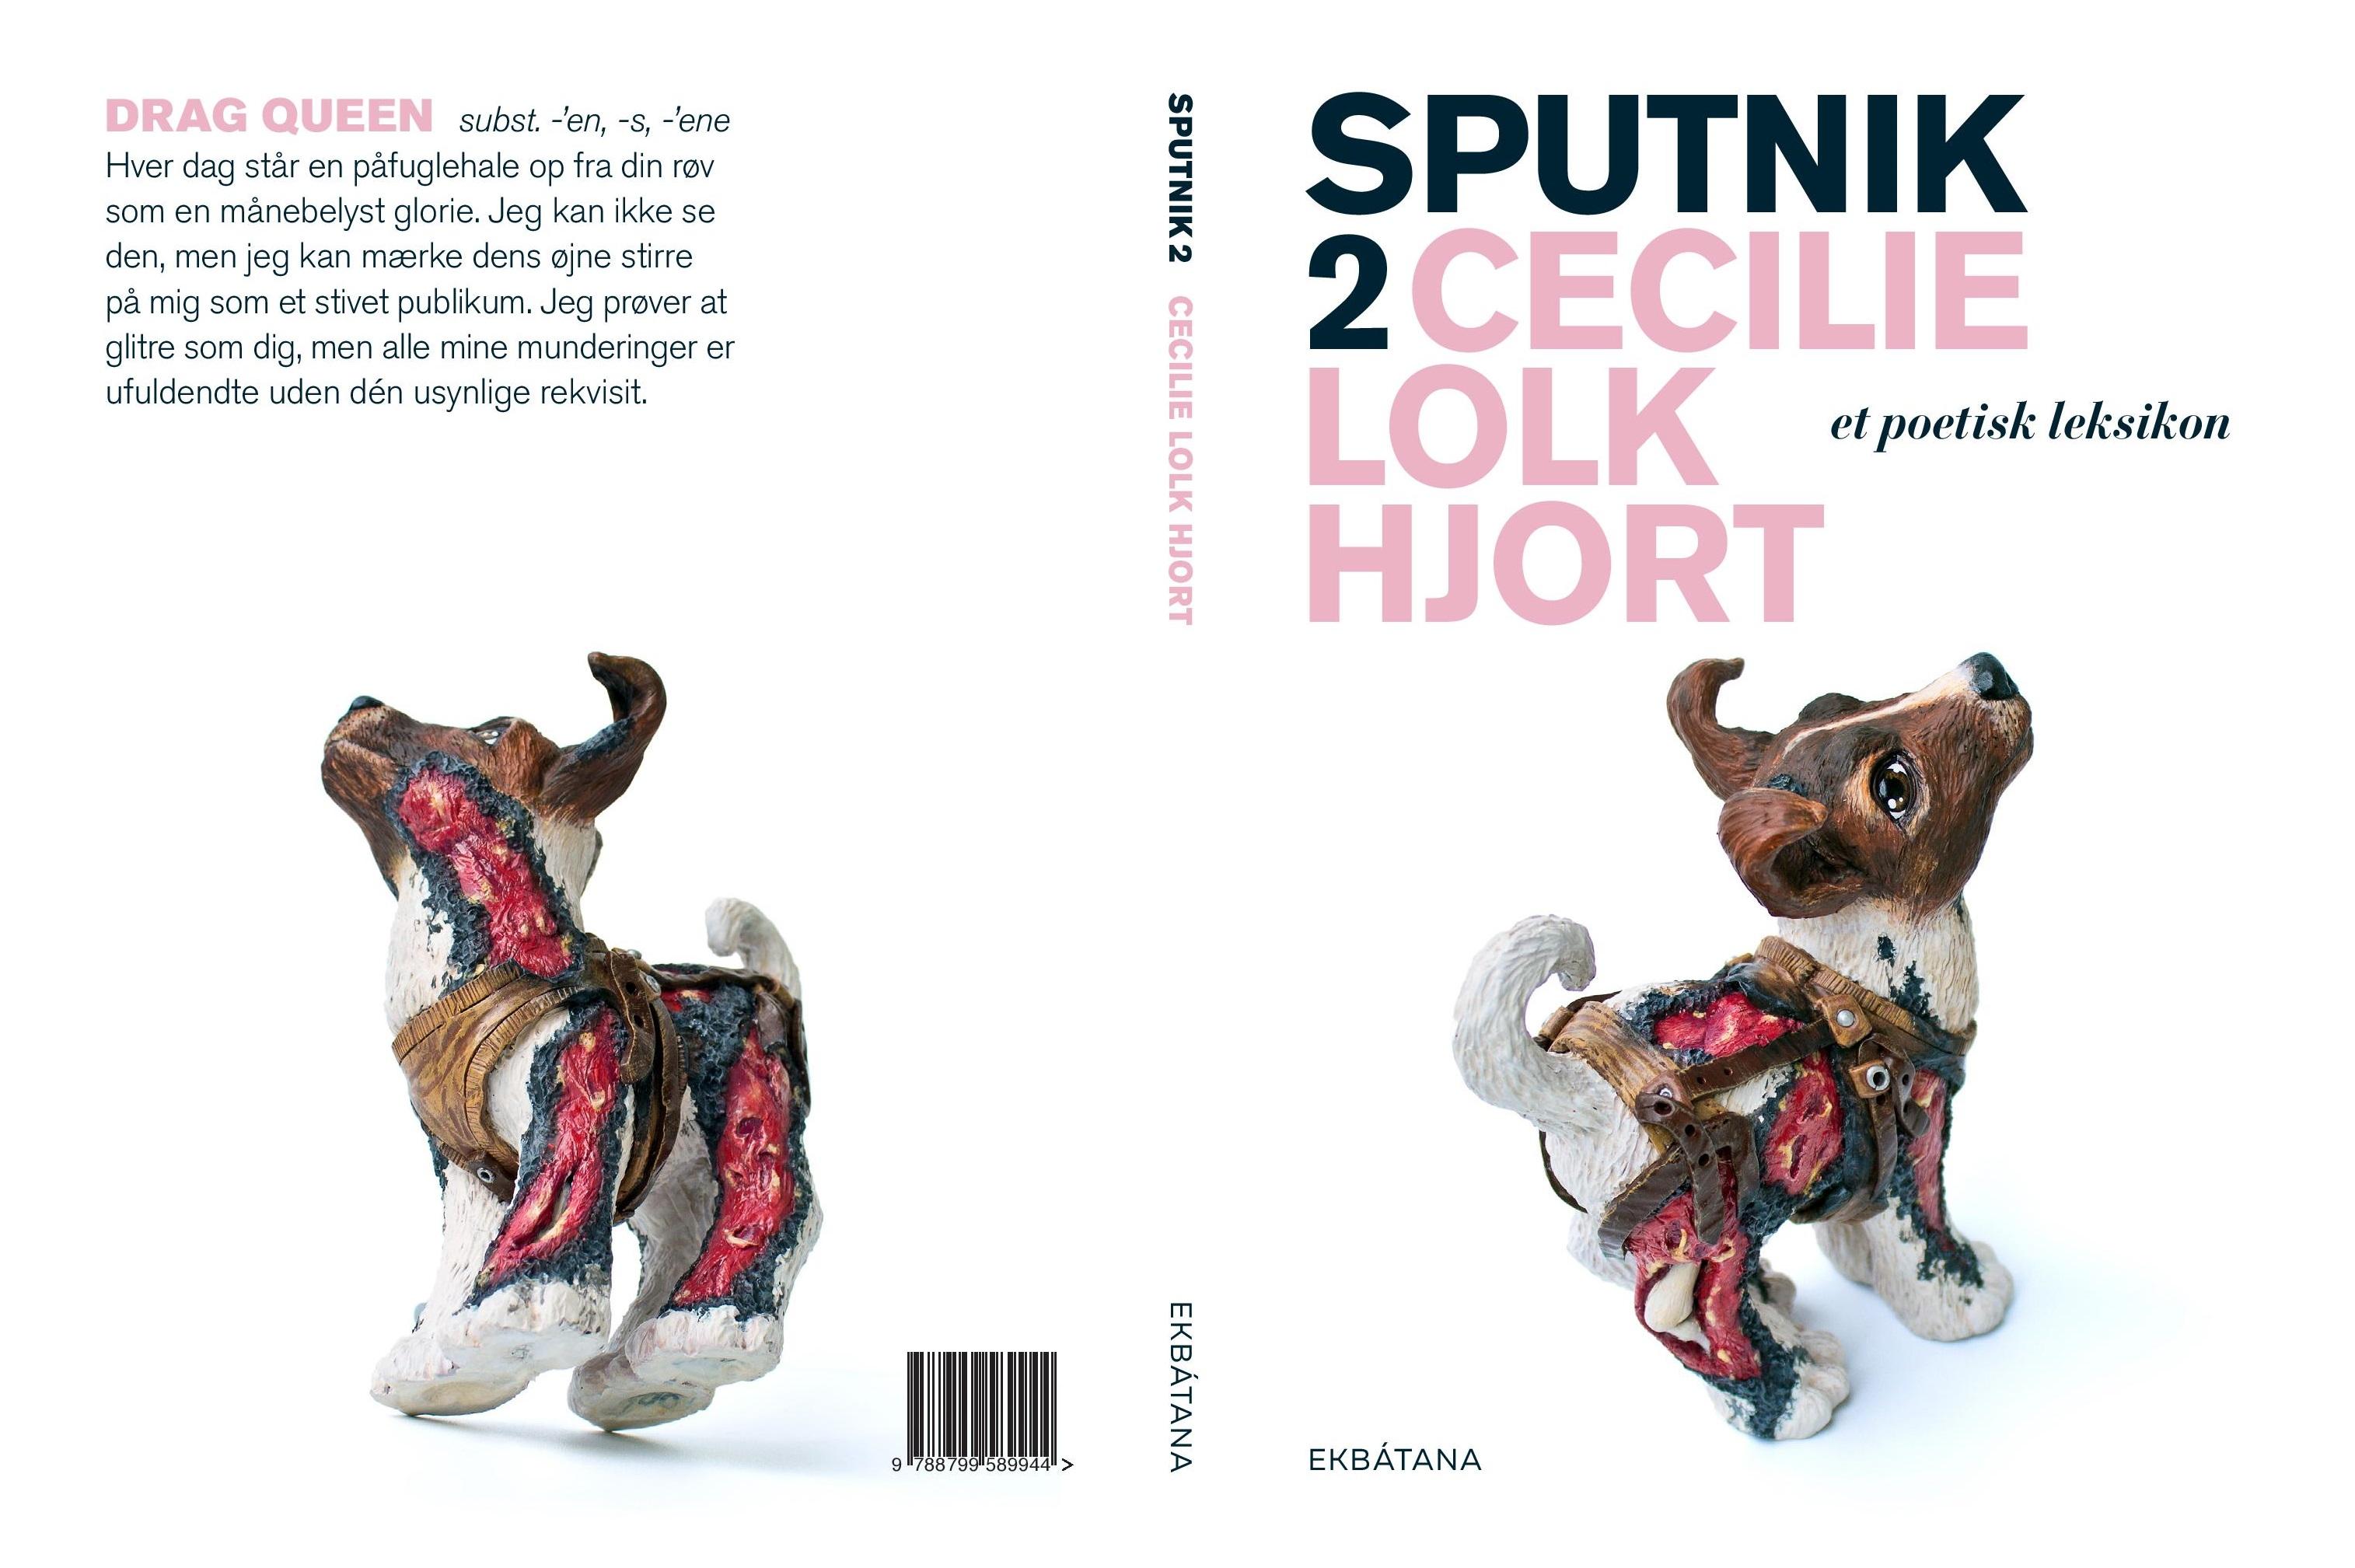 release på sputnik 2, Cecilie Lolk Hjort, Sputnik 2, poetisk leksikon, Galathea kroen